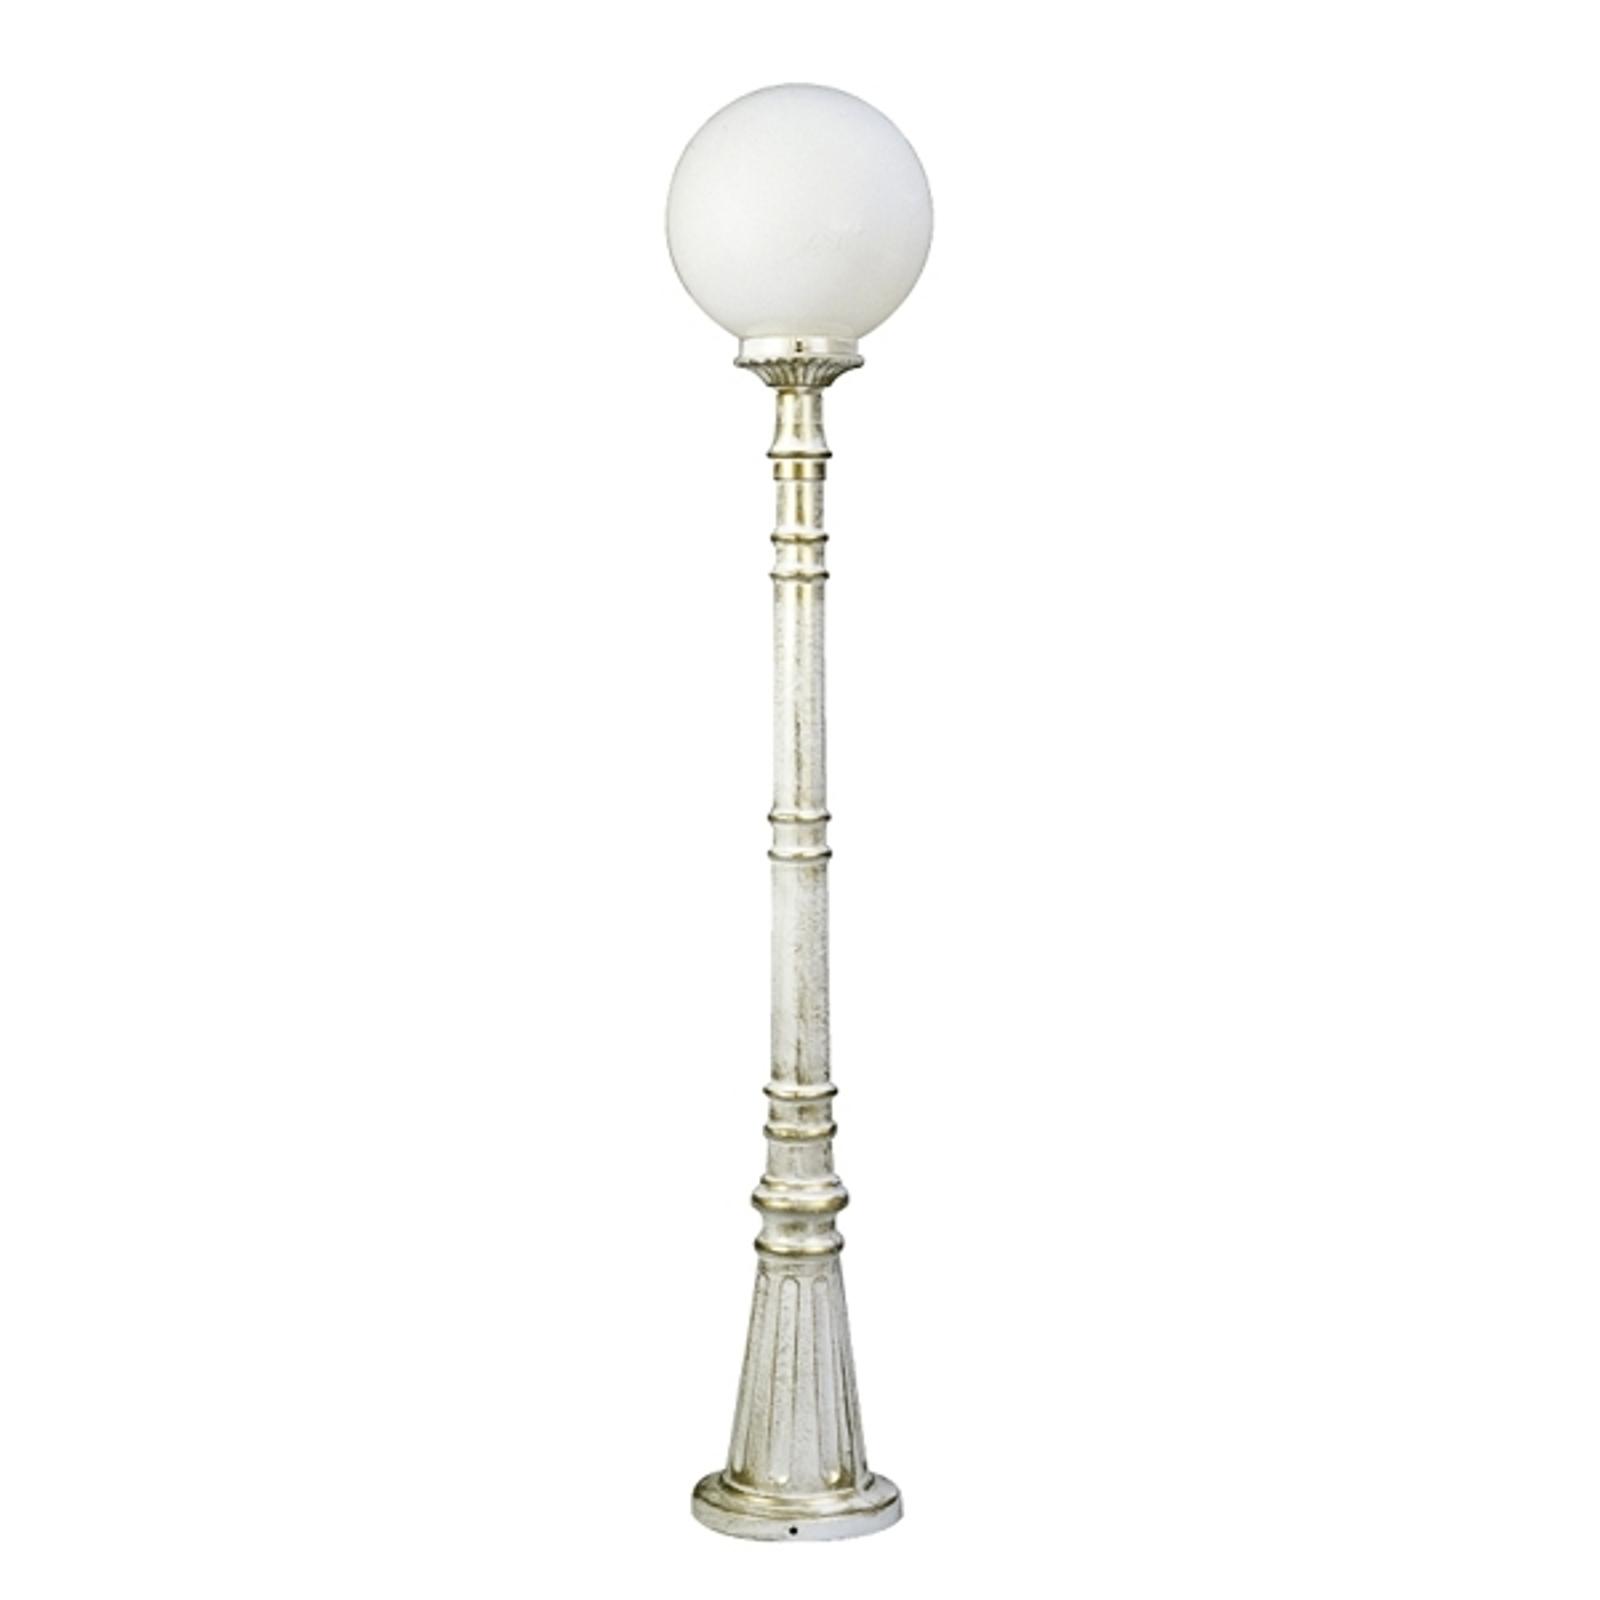 Dekoracyjny słupek oświetleniowy GOL 161